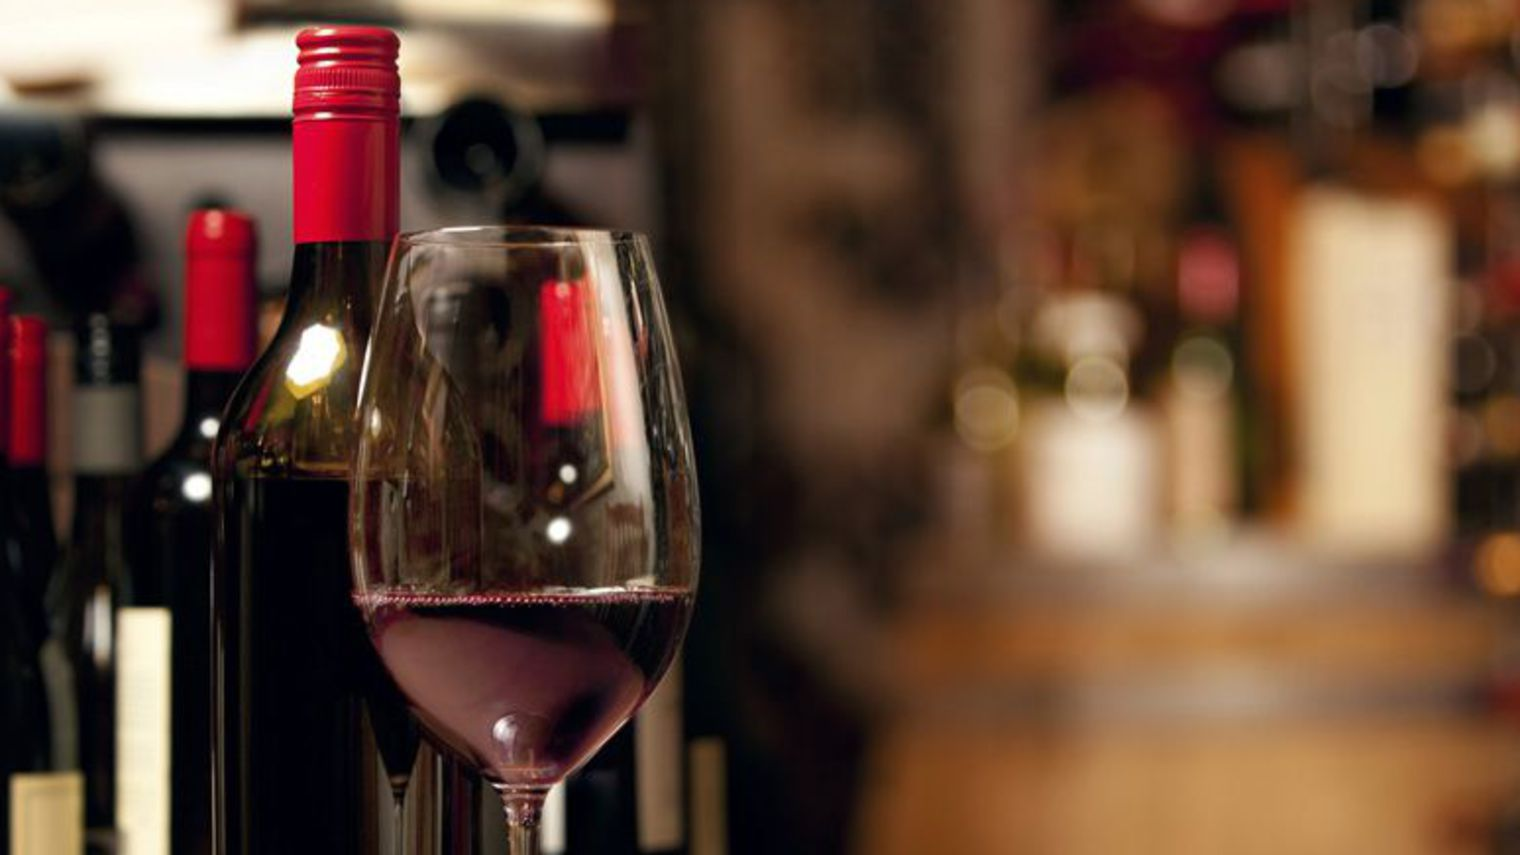 Soyez mieux renseignées sur l'achat de vins